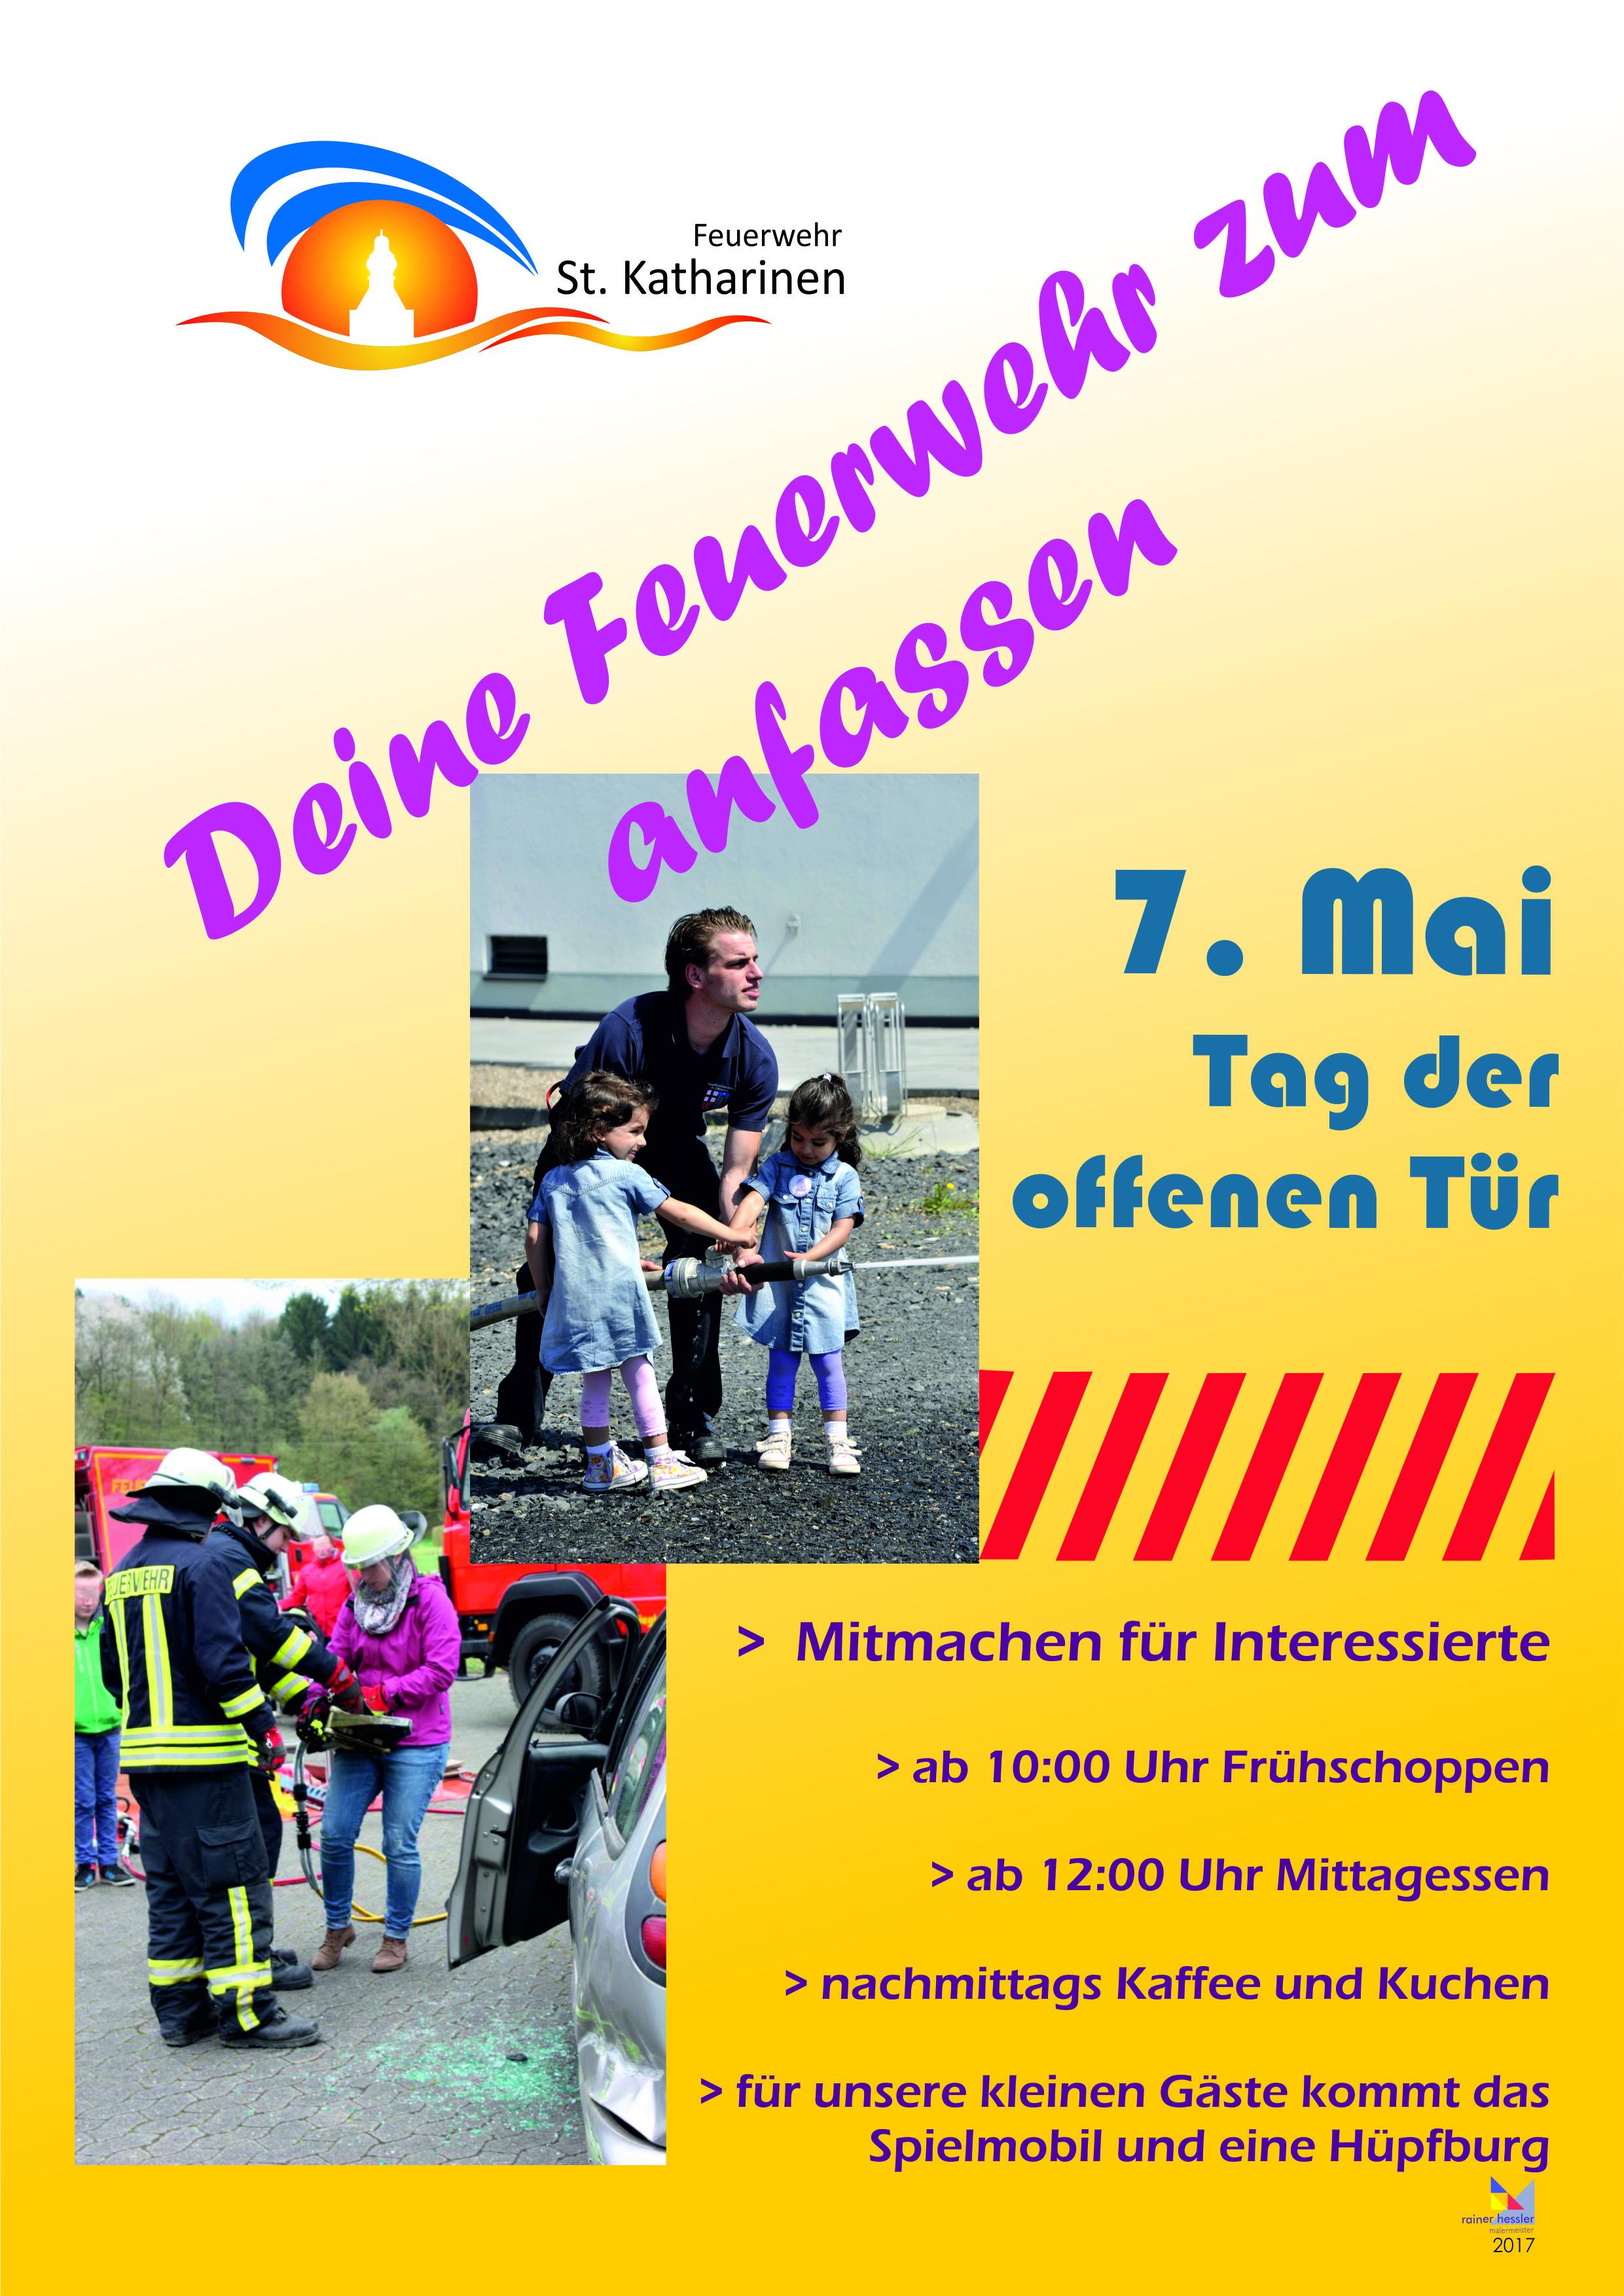 Tag der offenen tür 2017  Foundation Vorlage - www.feuerwehr-st-katharinen.de